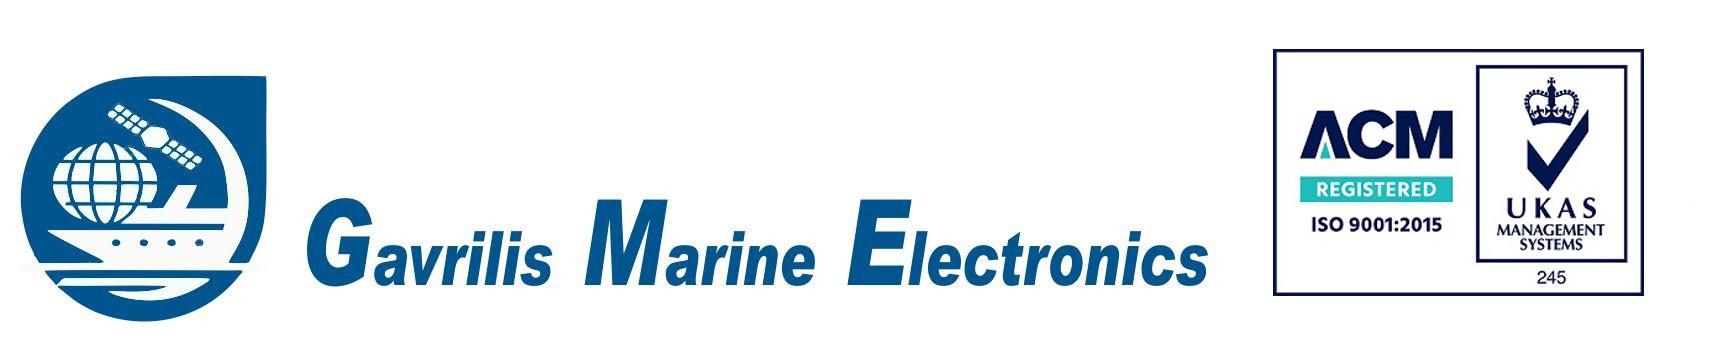 Gavrilis Marine Electronics